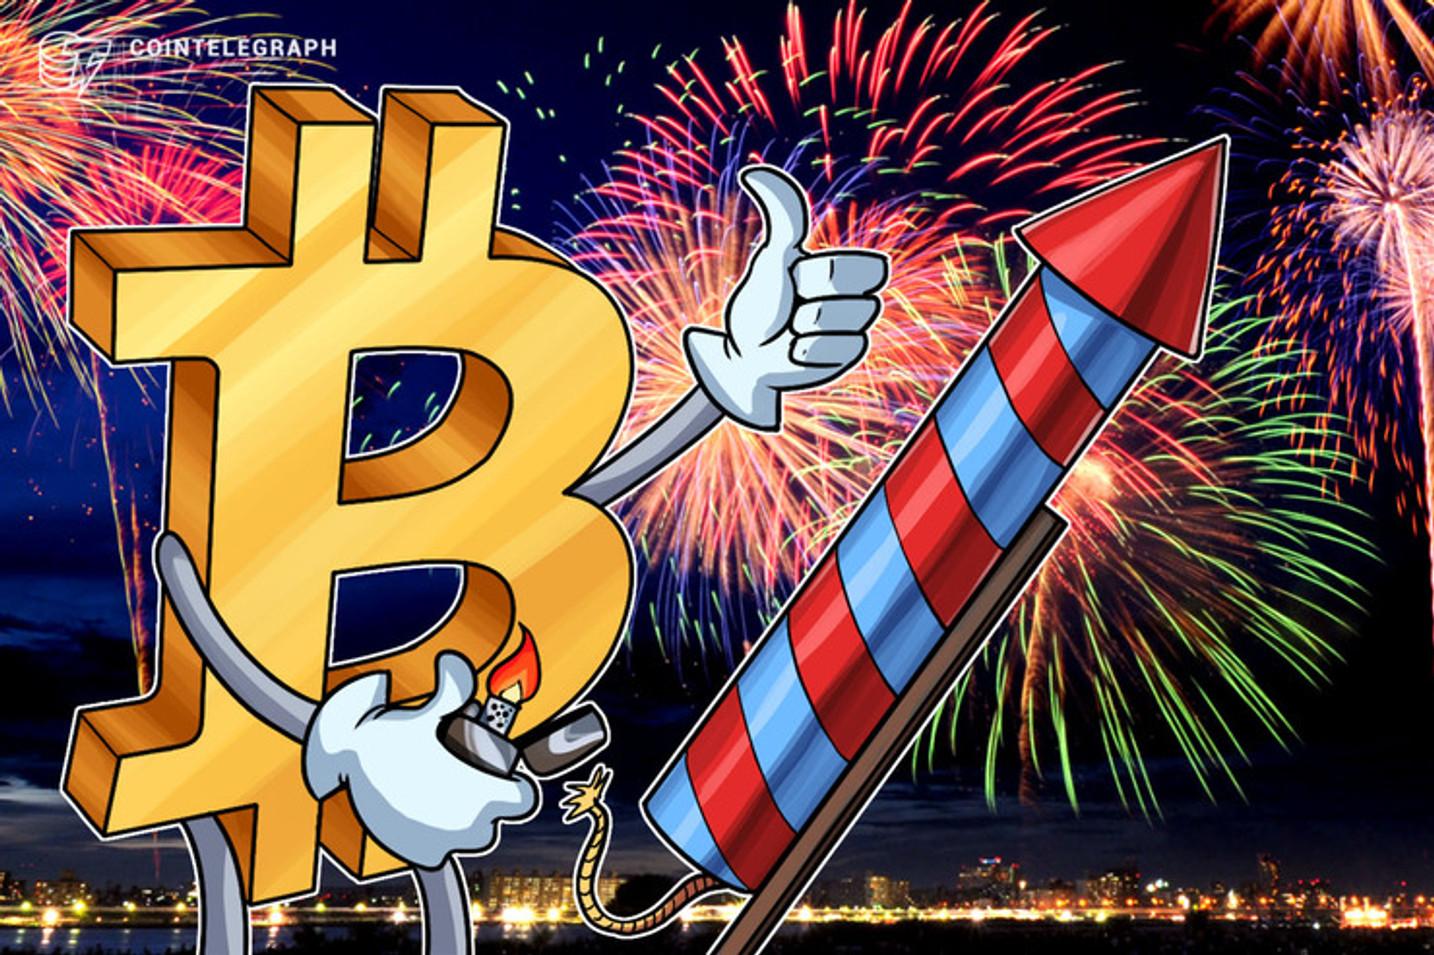 Este análisis dice que el precio de Bitcoin saltará un 15% a USD 11,500 en las próximas semanas